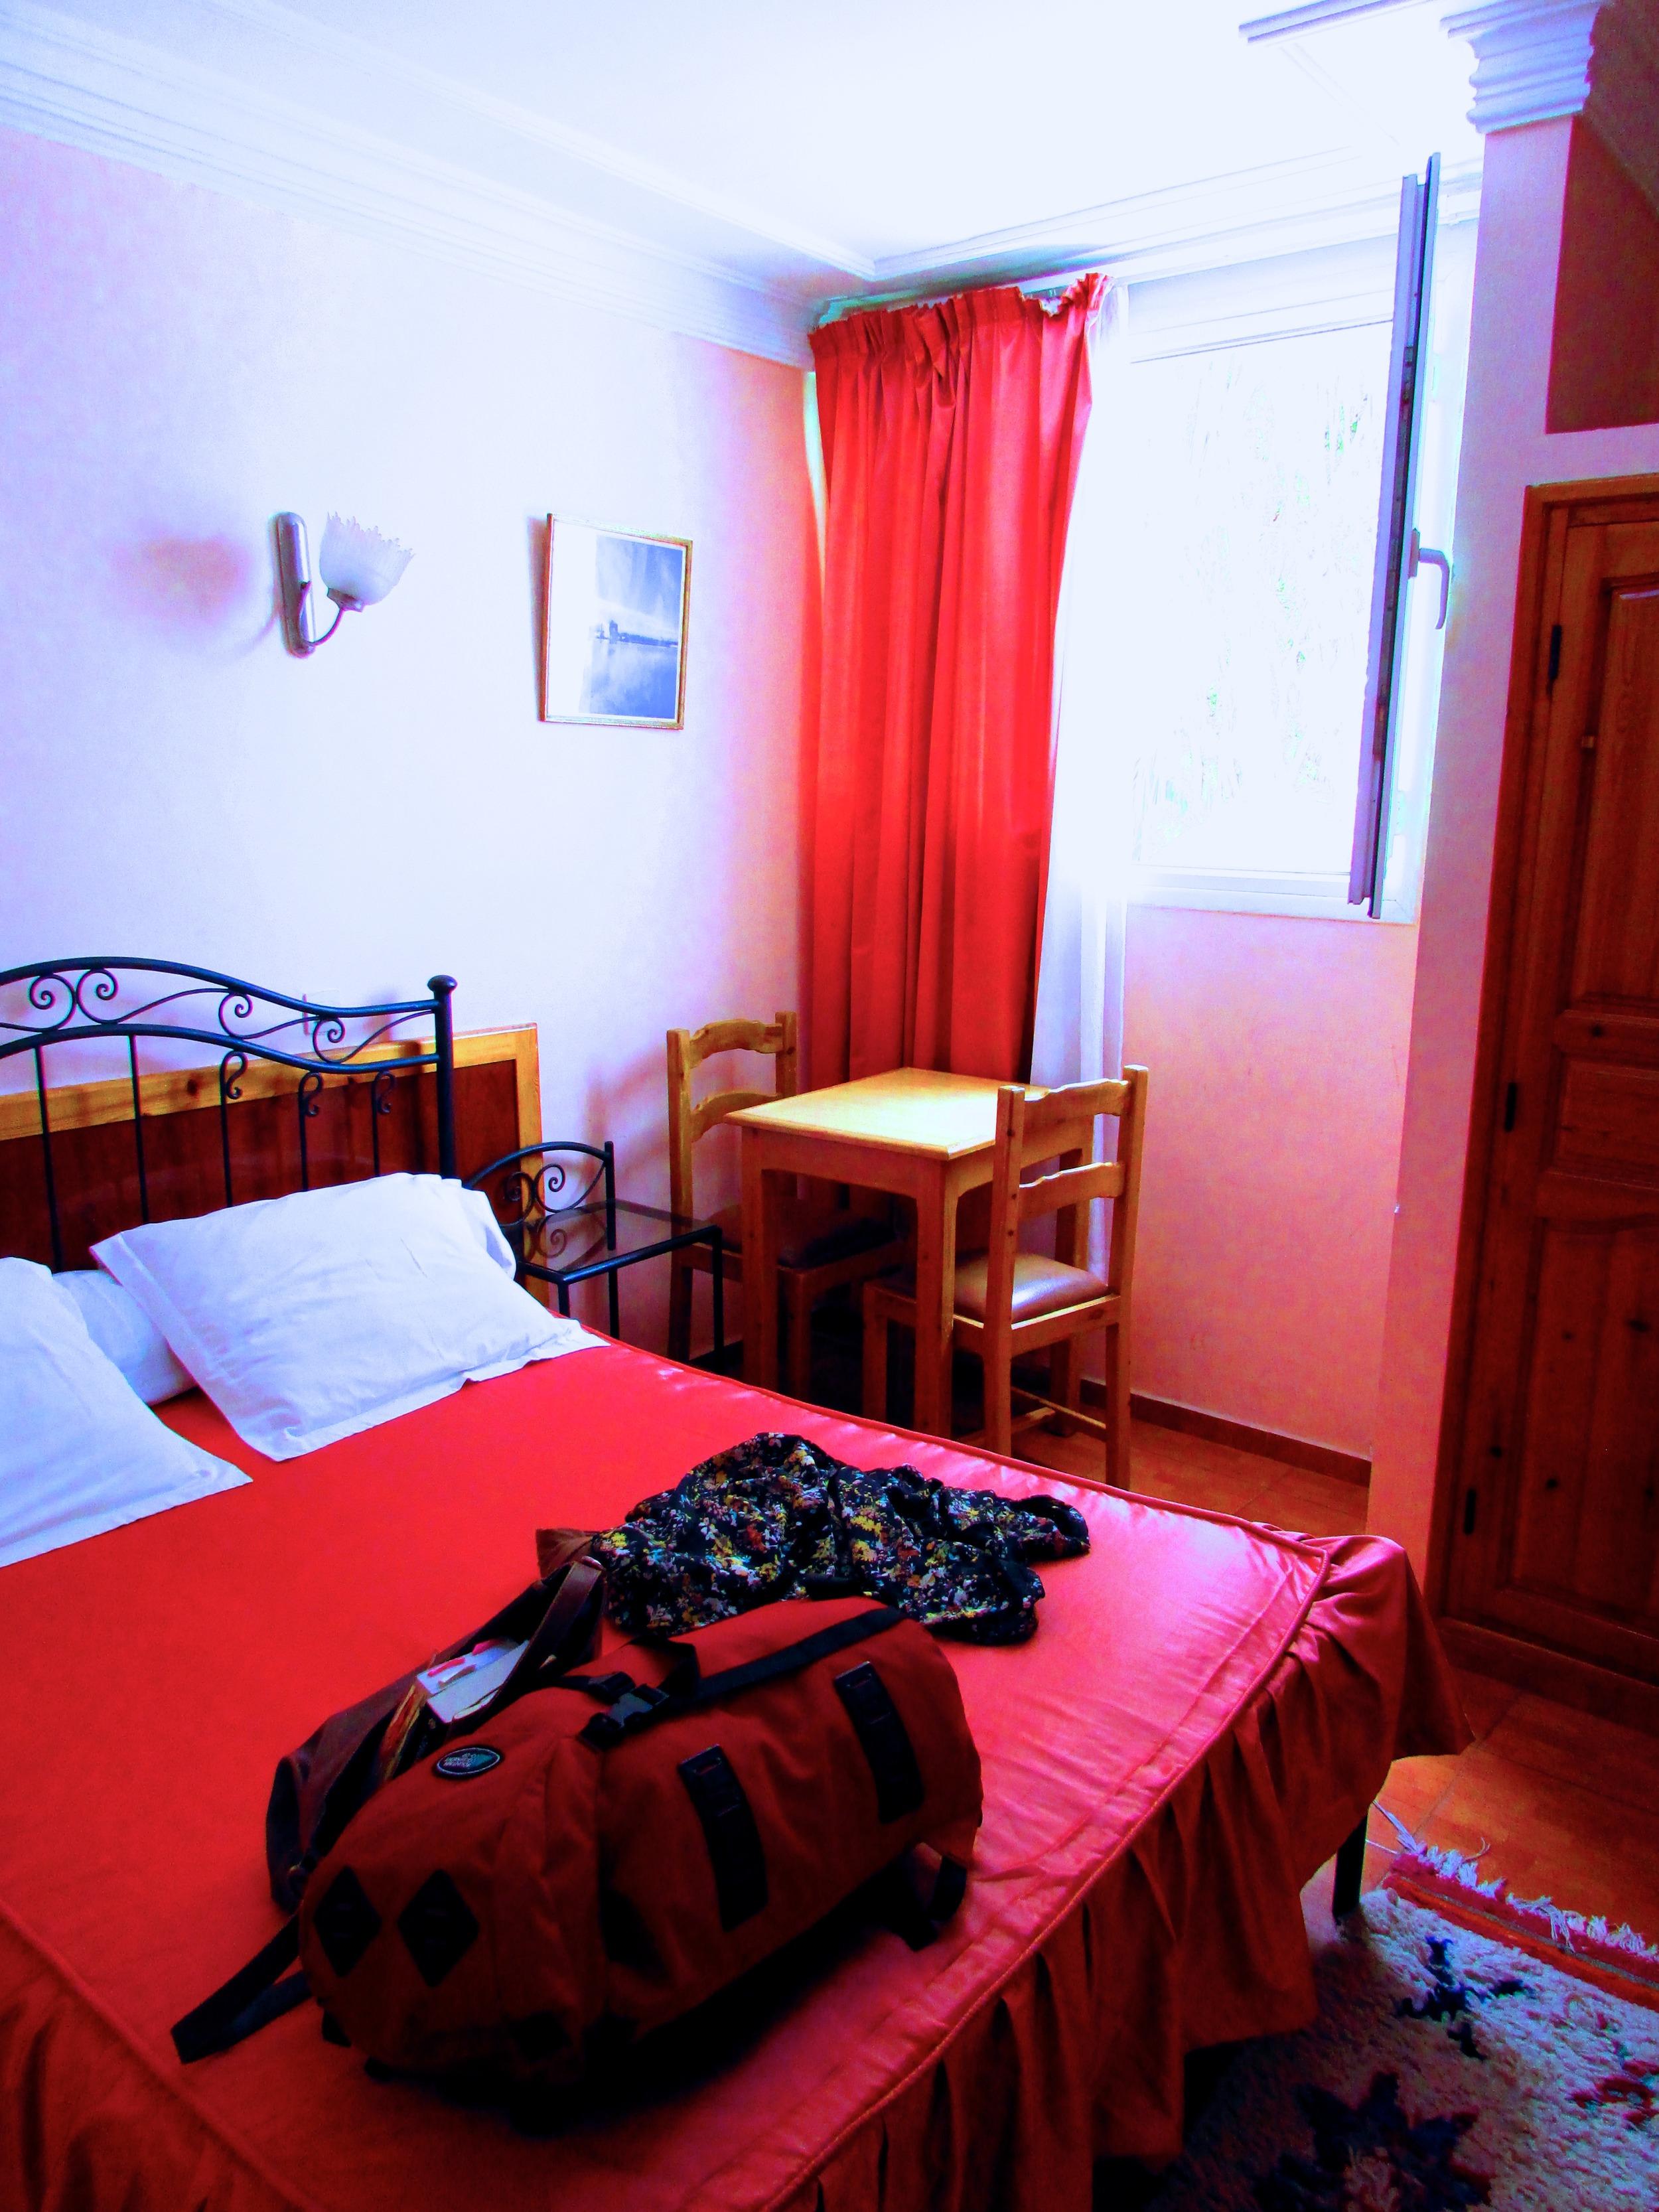 My room at the Hotel La Petite Suede in Agadir, Morocco